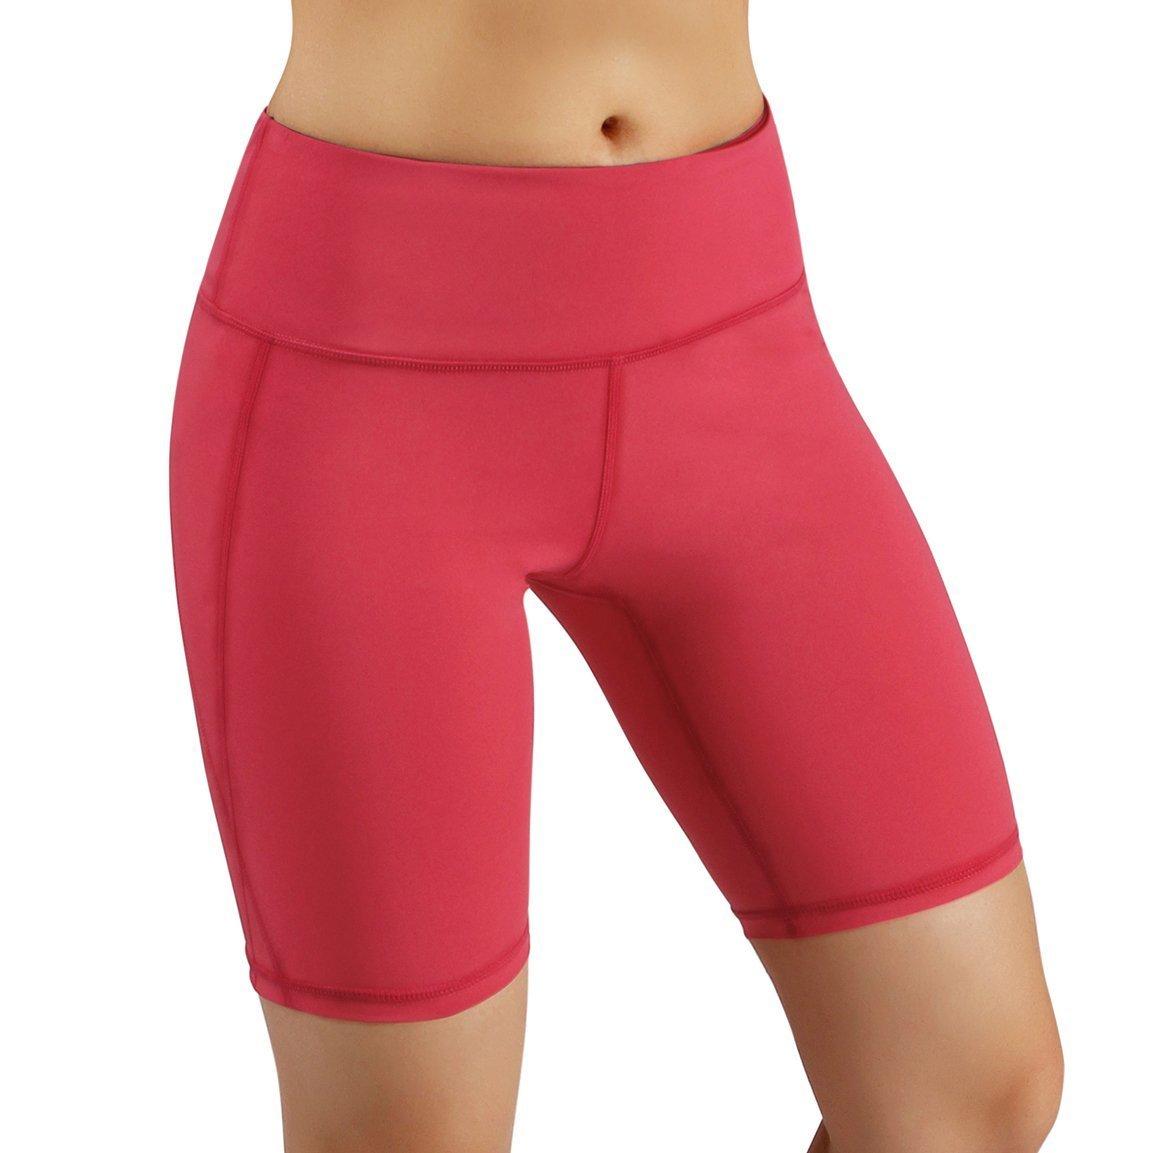 高い素材 Beauty コーラル Yoga レディース SHORTS レディース B07FGVYWPC コーラル SHORTS XX-Large, スクレドゥフィーユ:2c7b5d24 --- arianechie.dominiotemporario.com